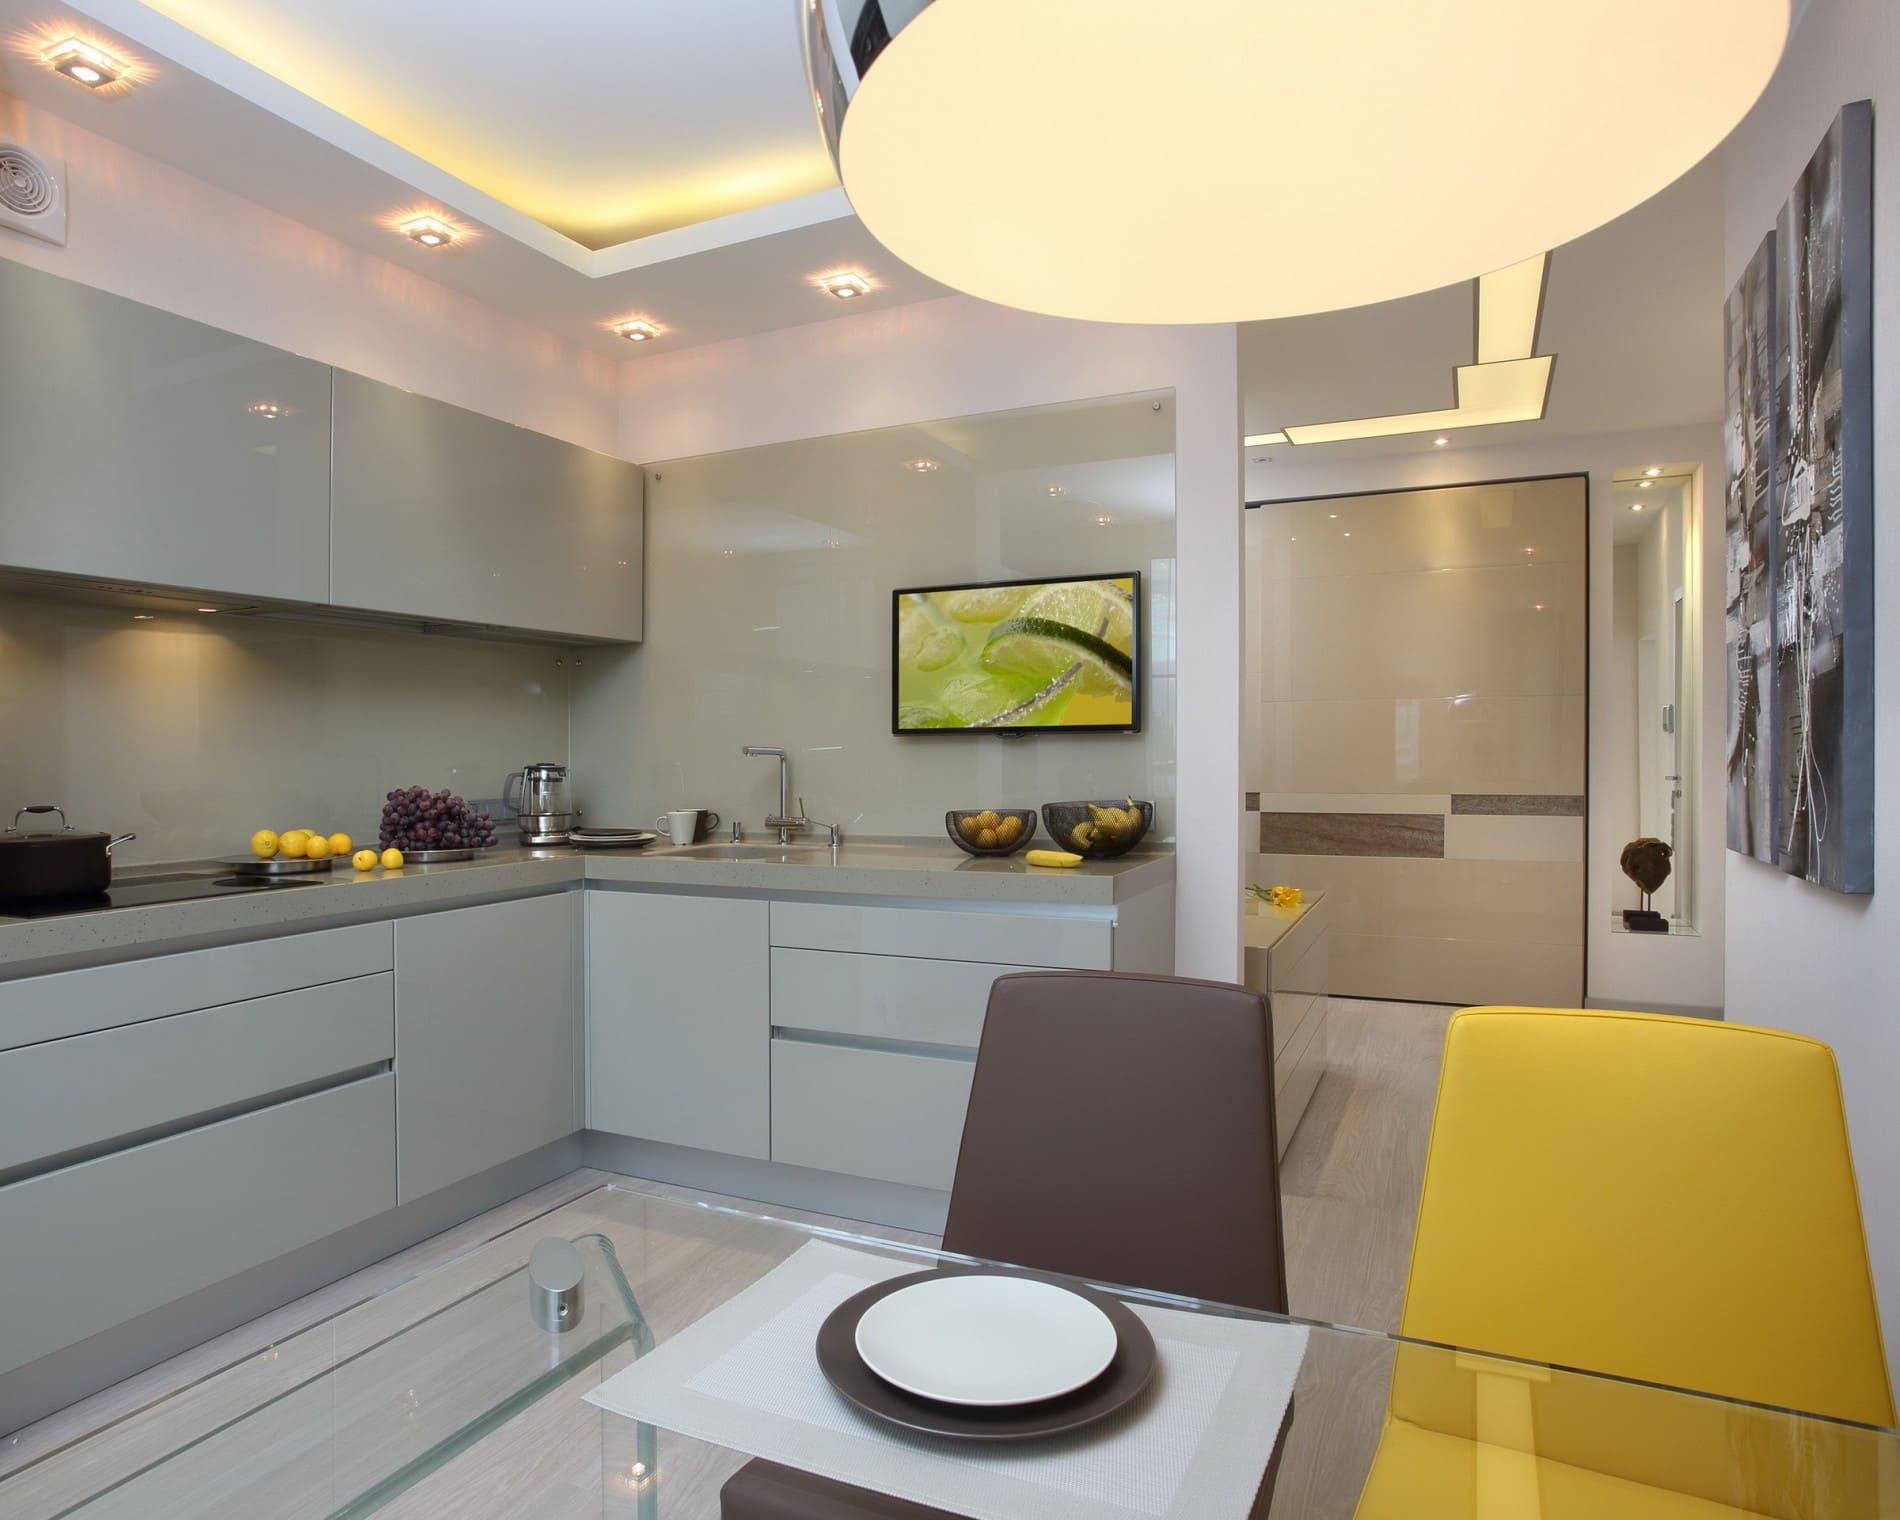 минималистичная кухня 12 метров